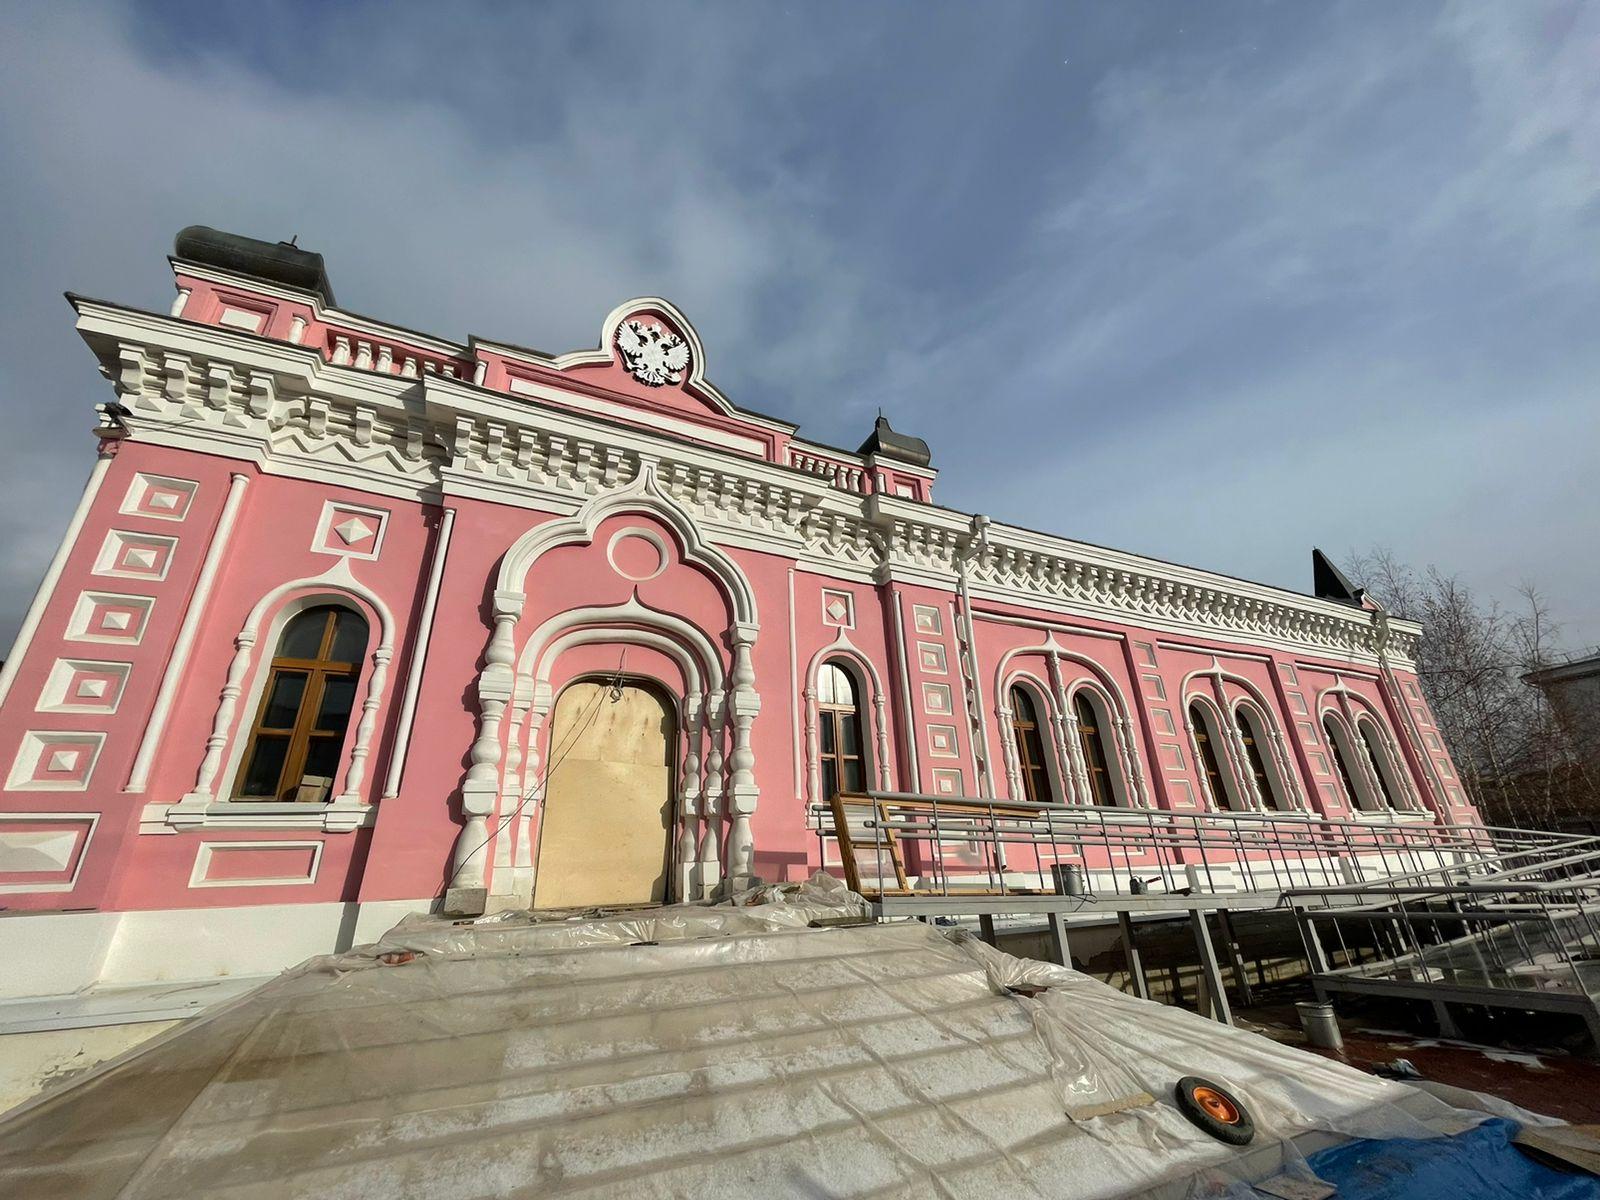 Реставрацию Дома казначейства в Якутске намерены завершить в декабре